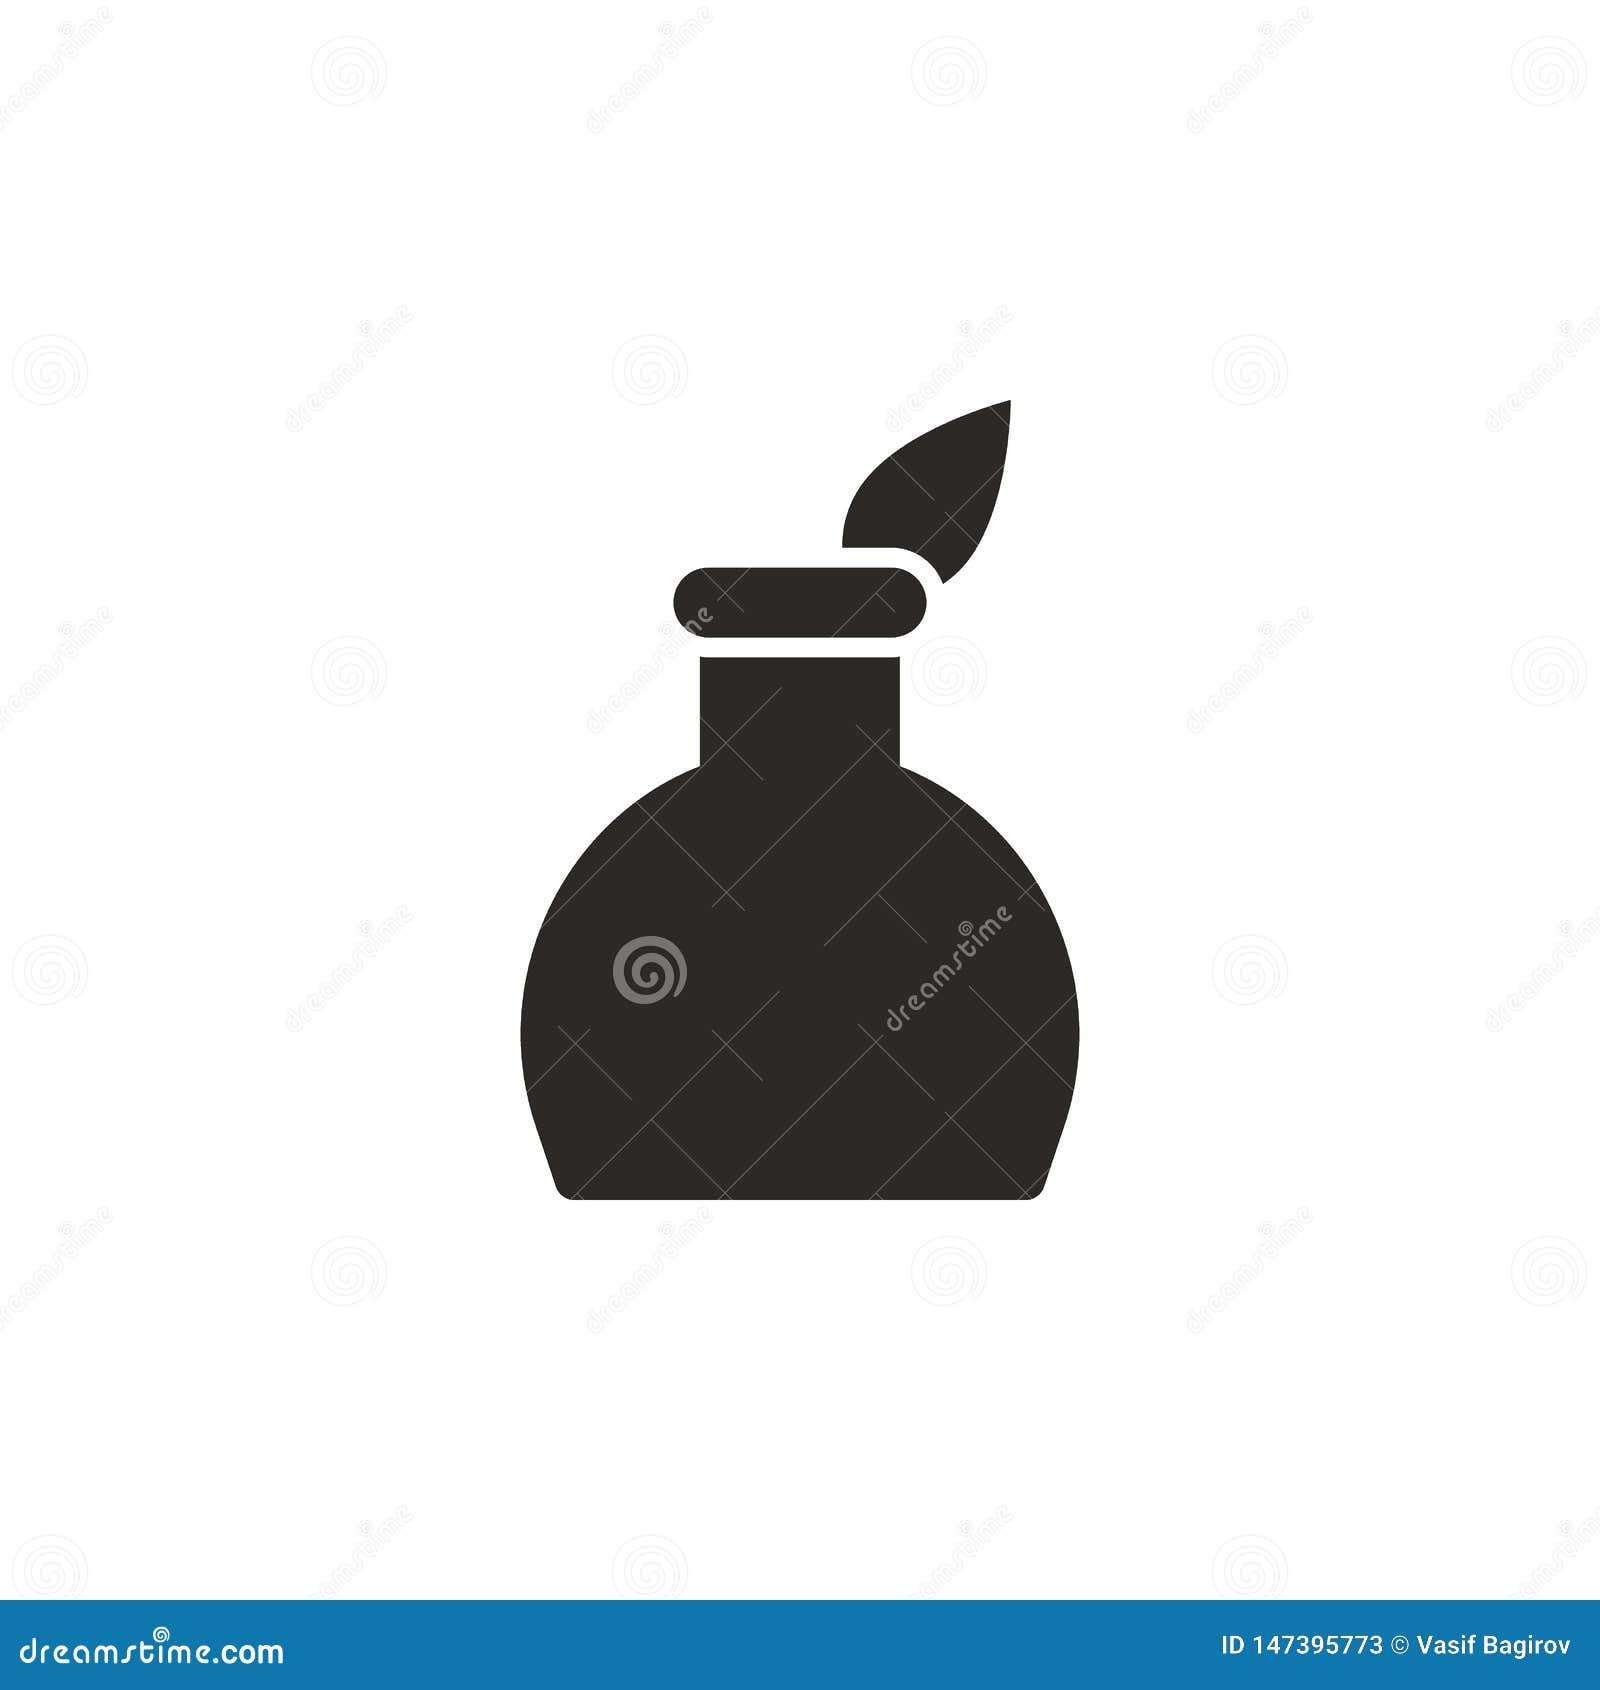 Federstift, Tintentopfikone - Vektor Einfache Elementillustration von UI-Konzept Federstift, Tintentopfikone - Vektor Infographic